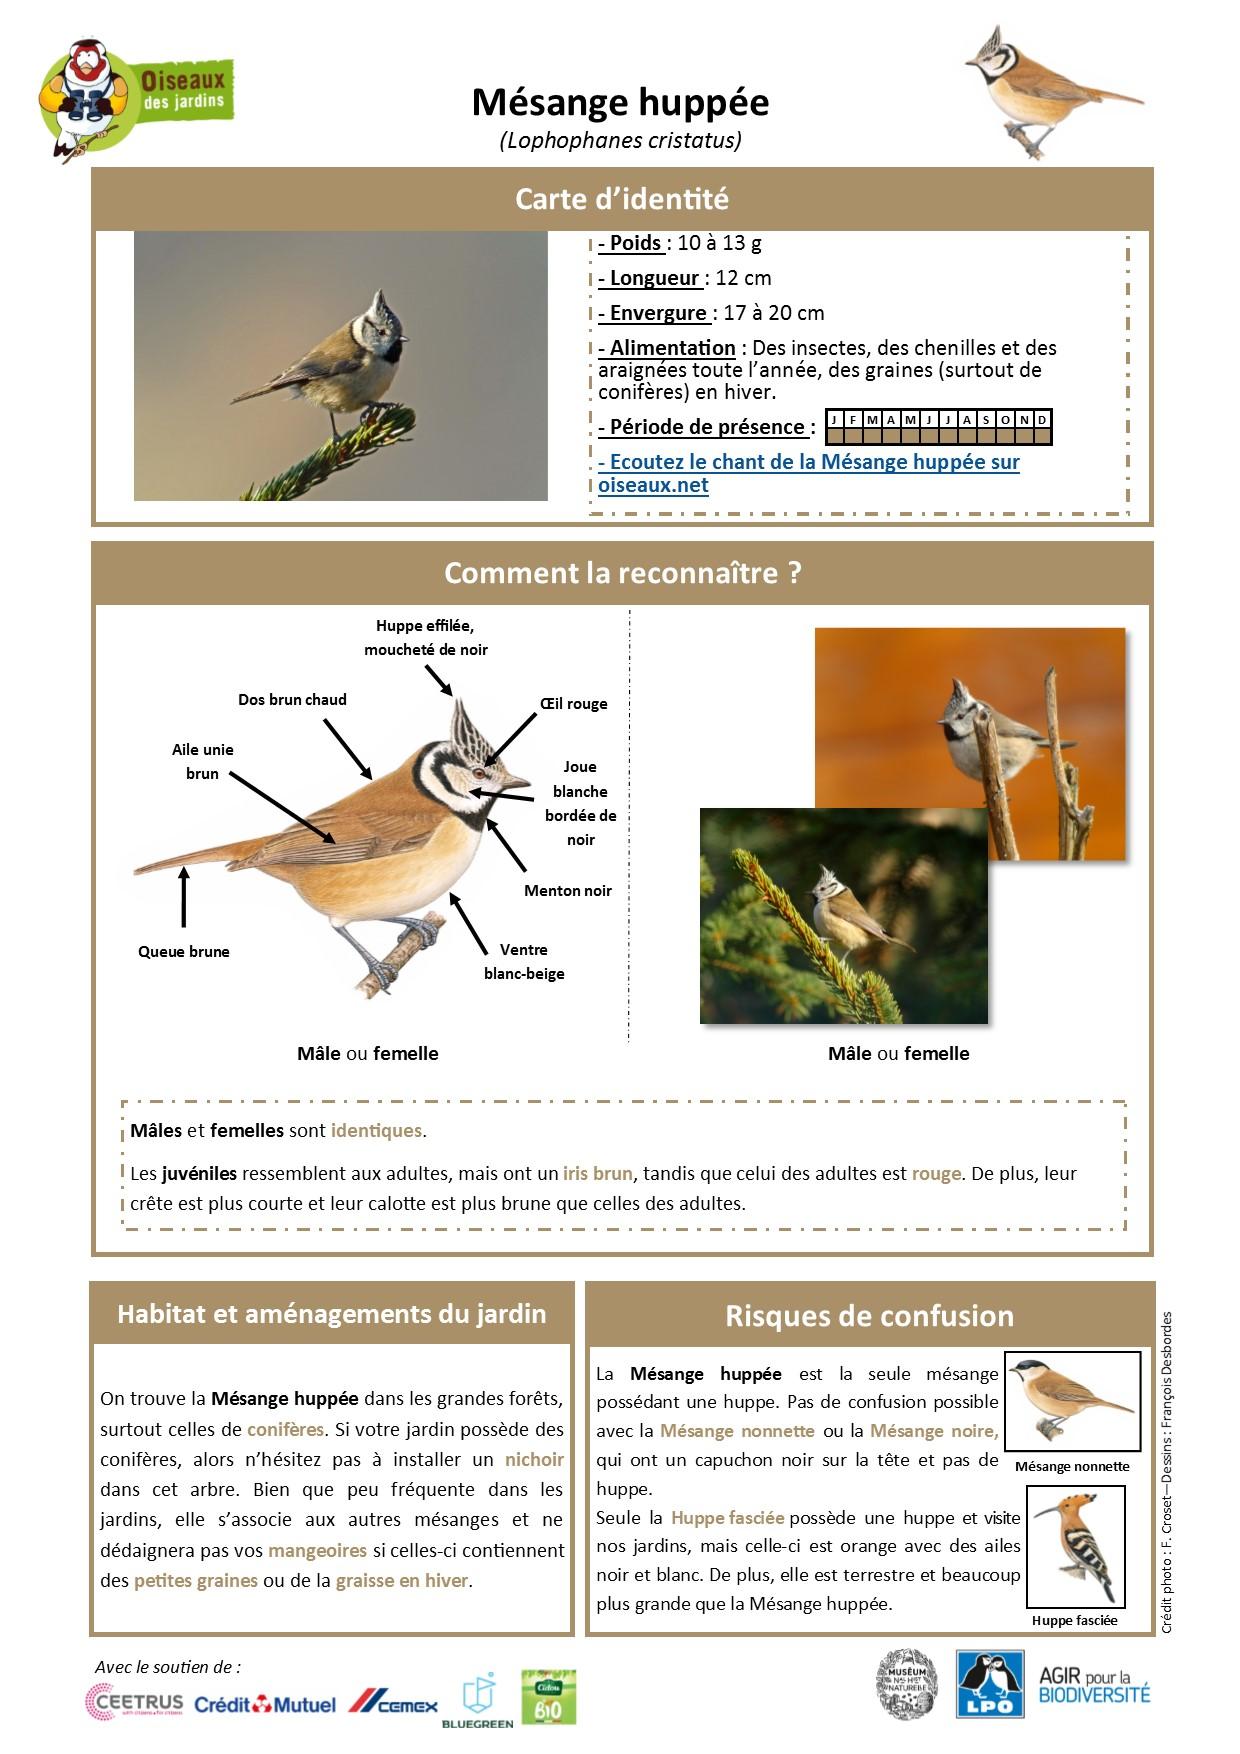 https://cdnfiles1.biolovision.net/www.oiseauxdesjardins.fr/userfiles/Fichesespces/FicheespceMHv2.pdf